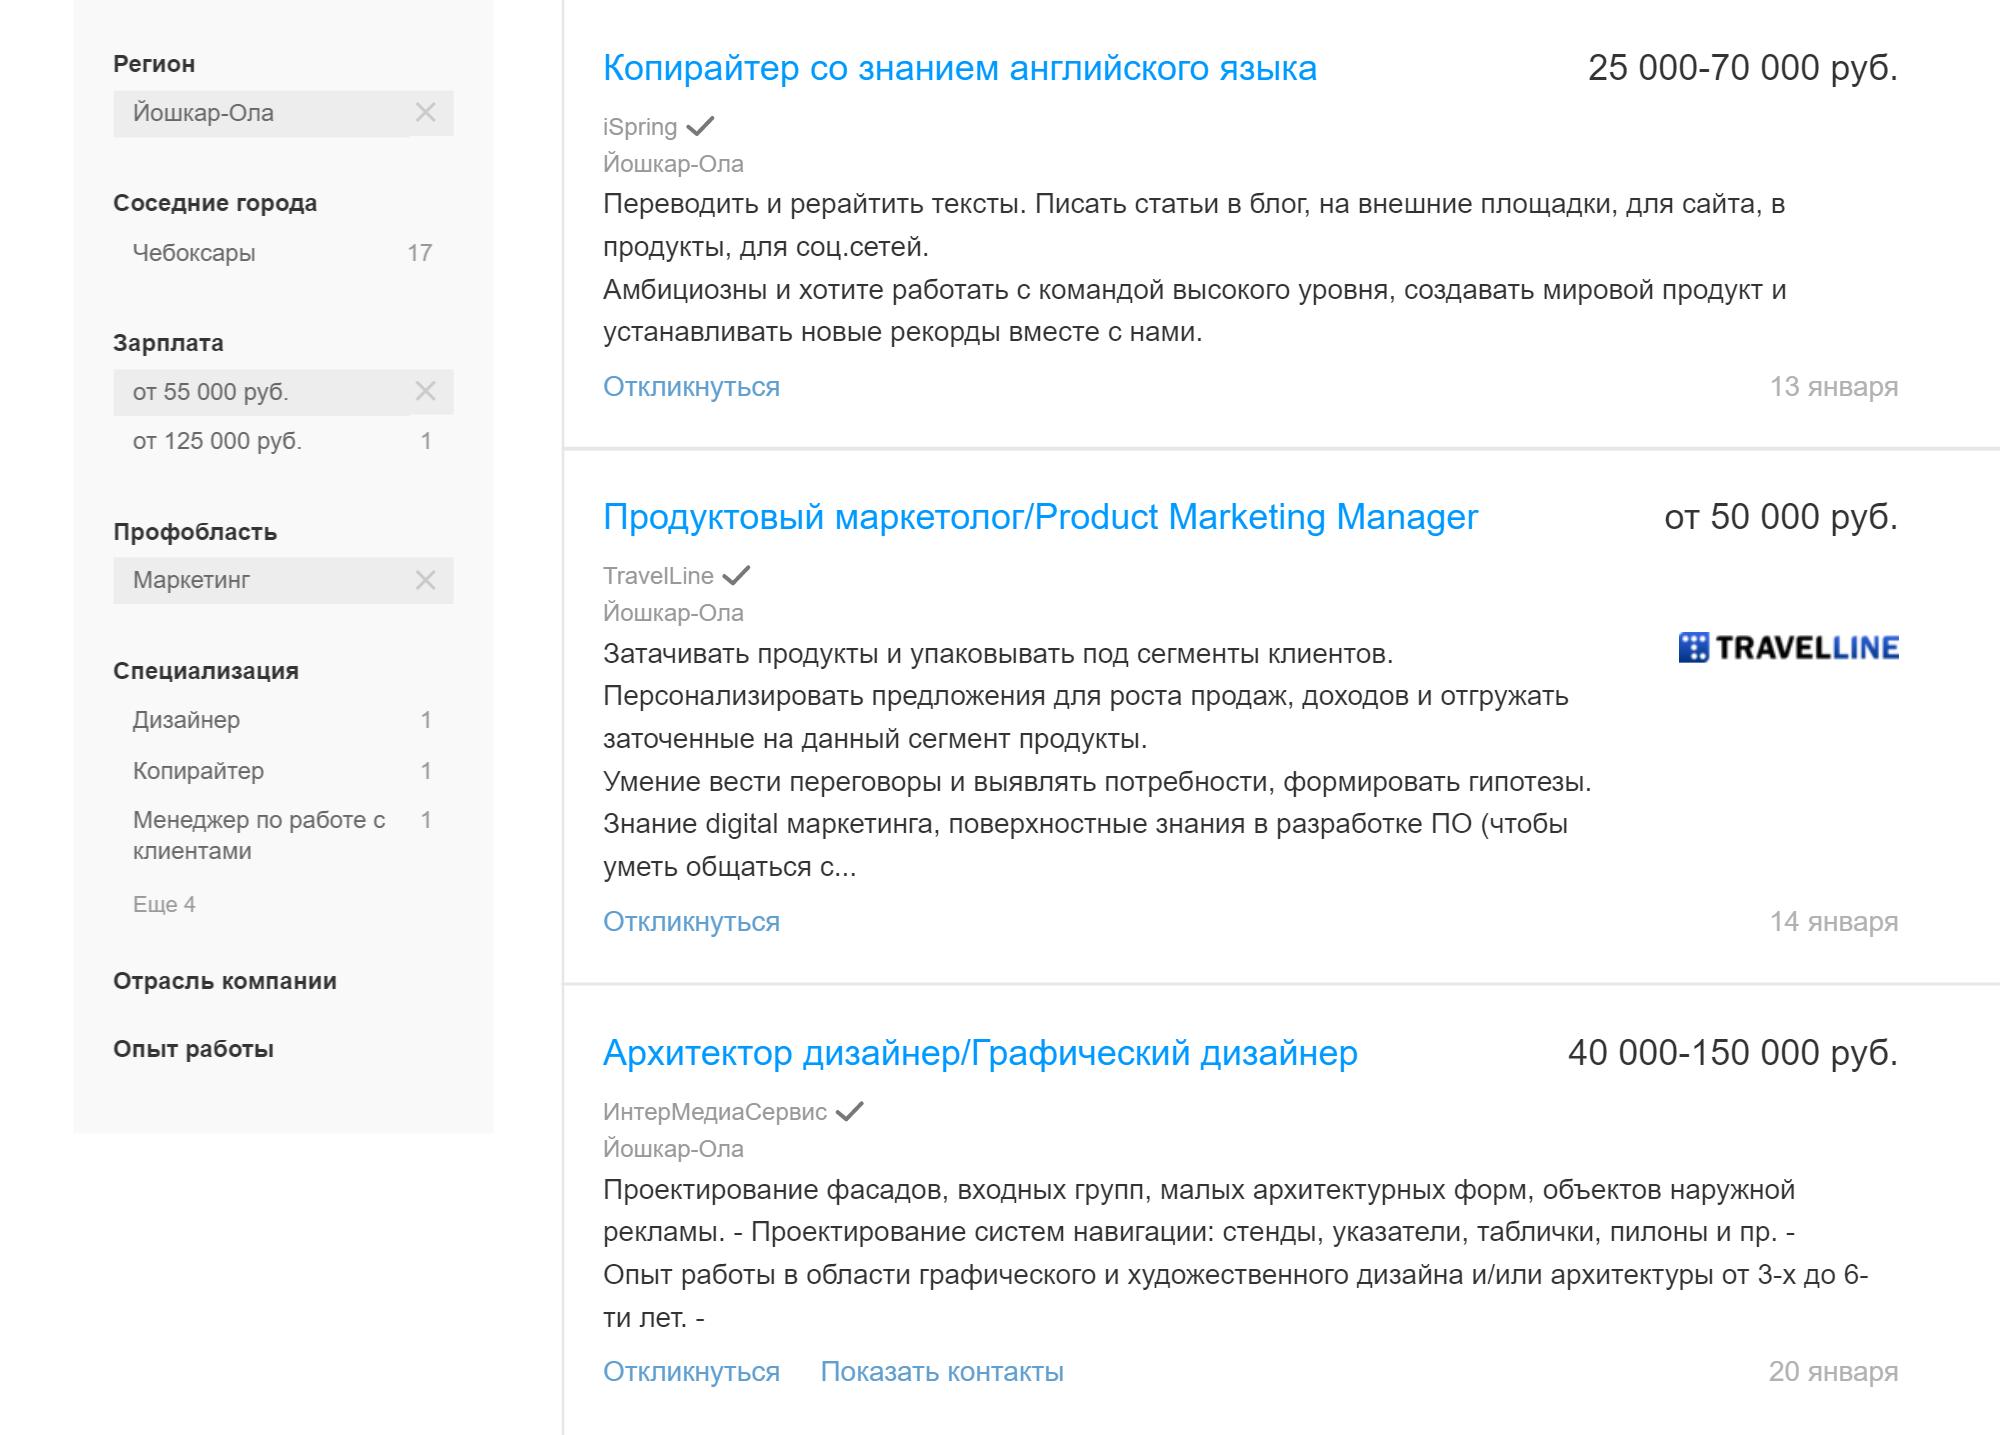 В айти хорошо получают не только программисты. Высокие зарплаты у дизайнеров, копирайтеров, маркетологов — от 40 000<span class=ruble>Р</span>